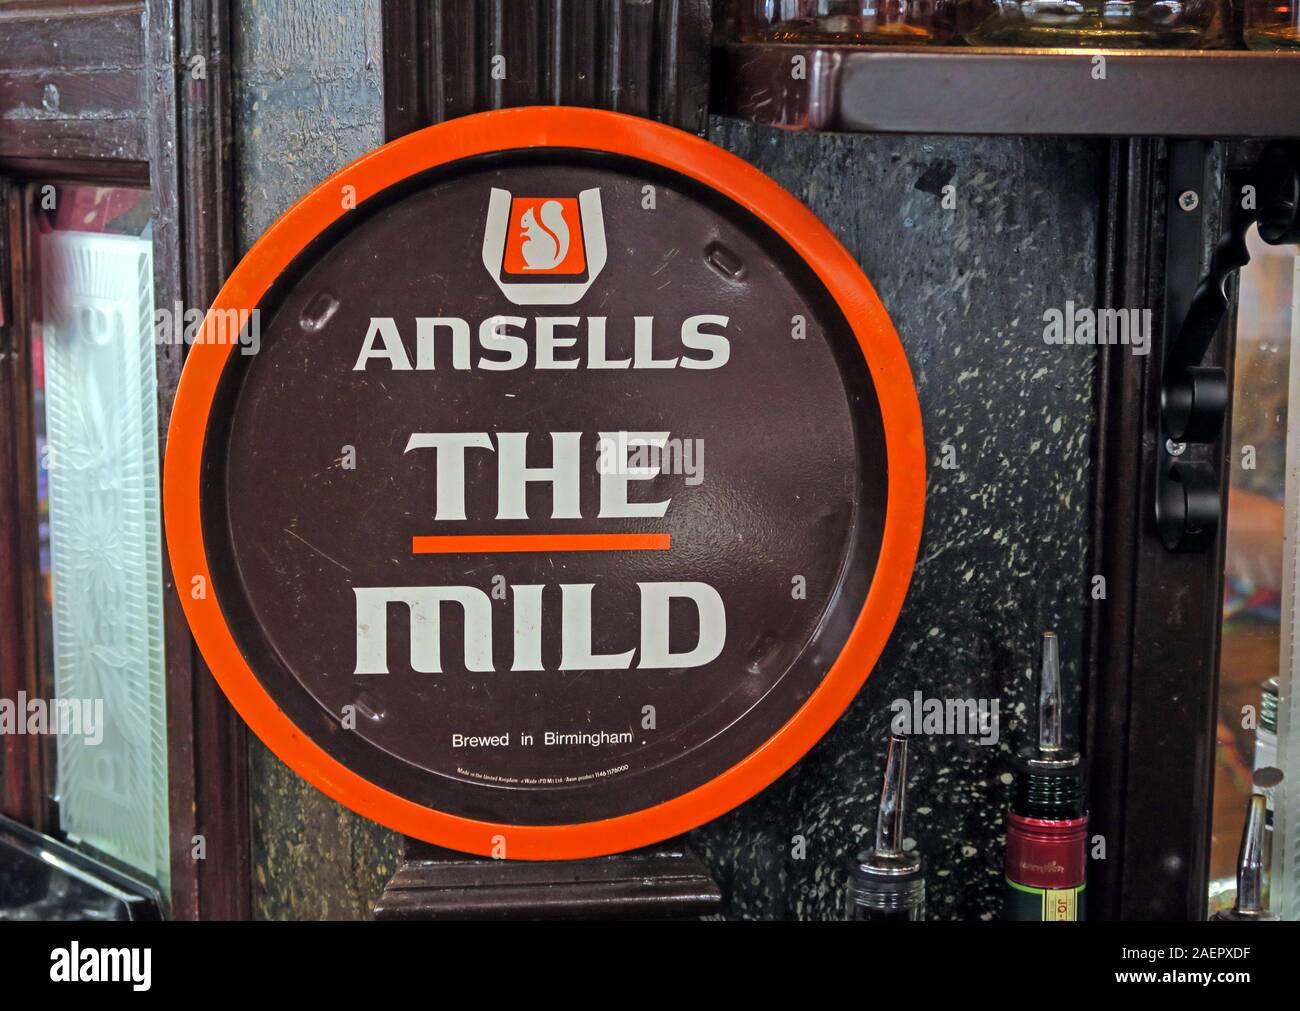 Ansells,England,UK,GB,ale,pub,logo,history,historic,JW Lees,Carlsberg UK,Midlands,orange,brown,mild beer,beer